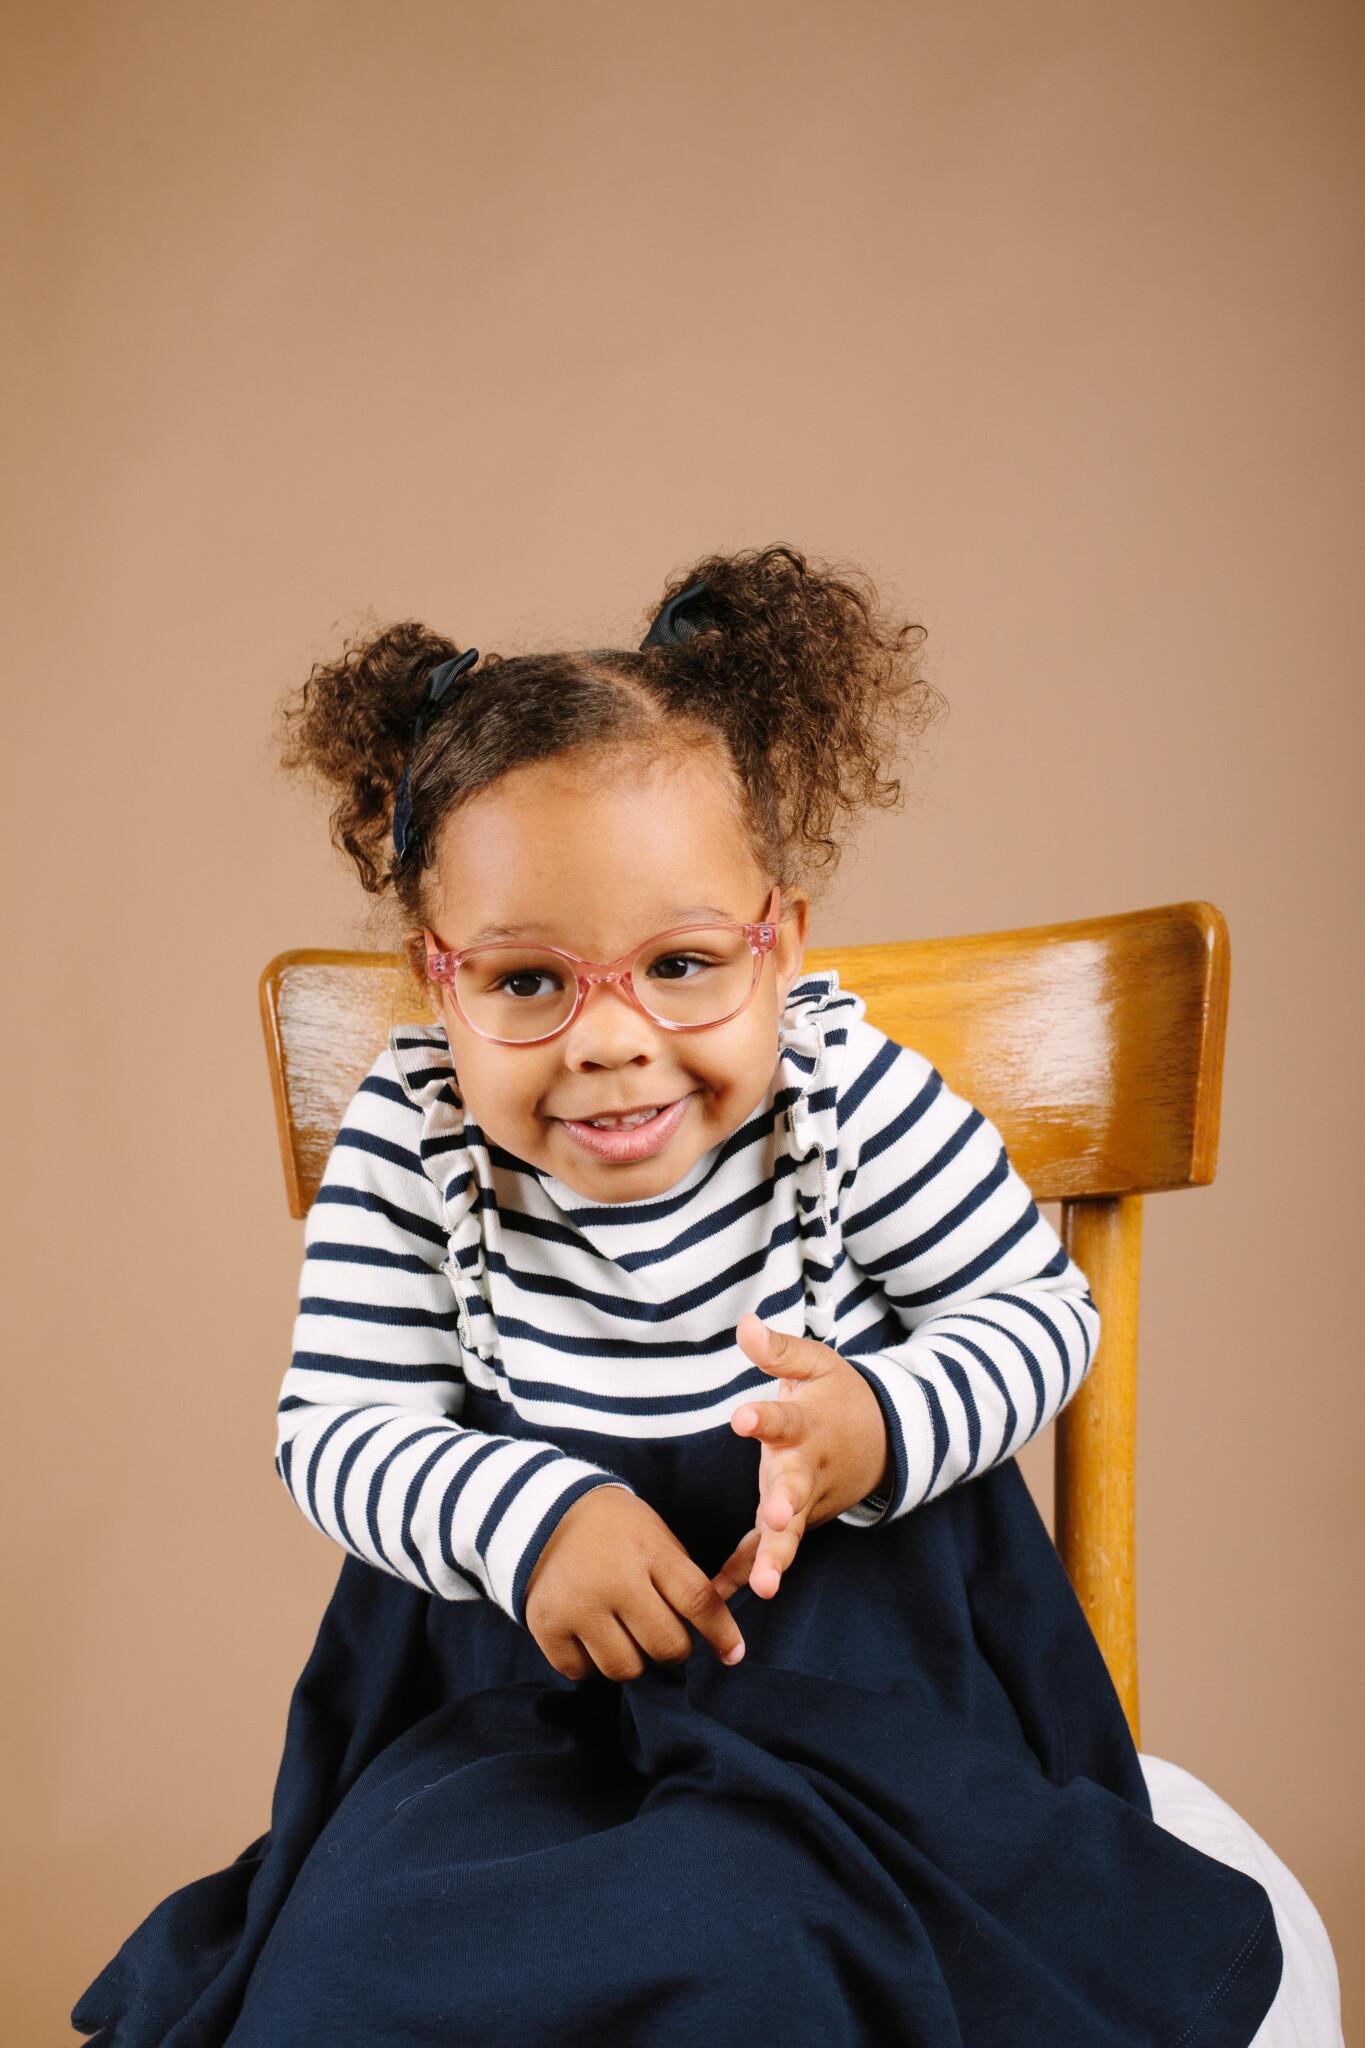 2 semaines en Floride avec un bébé de 1 an - Séjour du 2 au 16 mai 2019 DCL + WDW - Page 18 Elia-Shoot2_00003-1365x2048